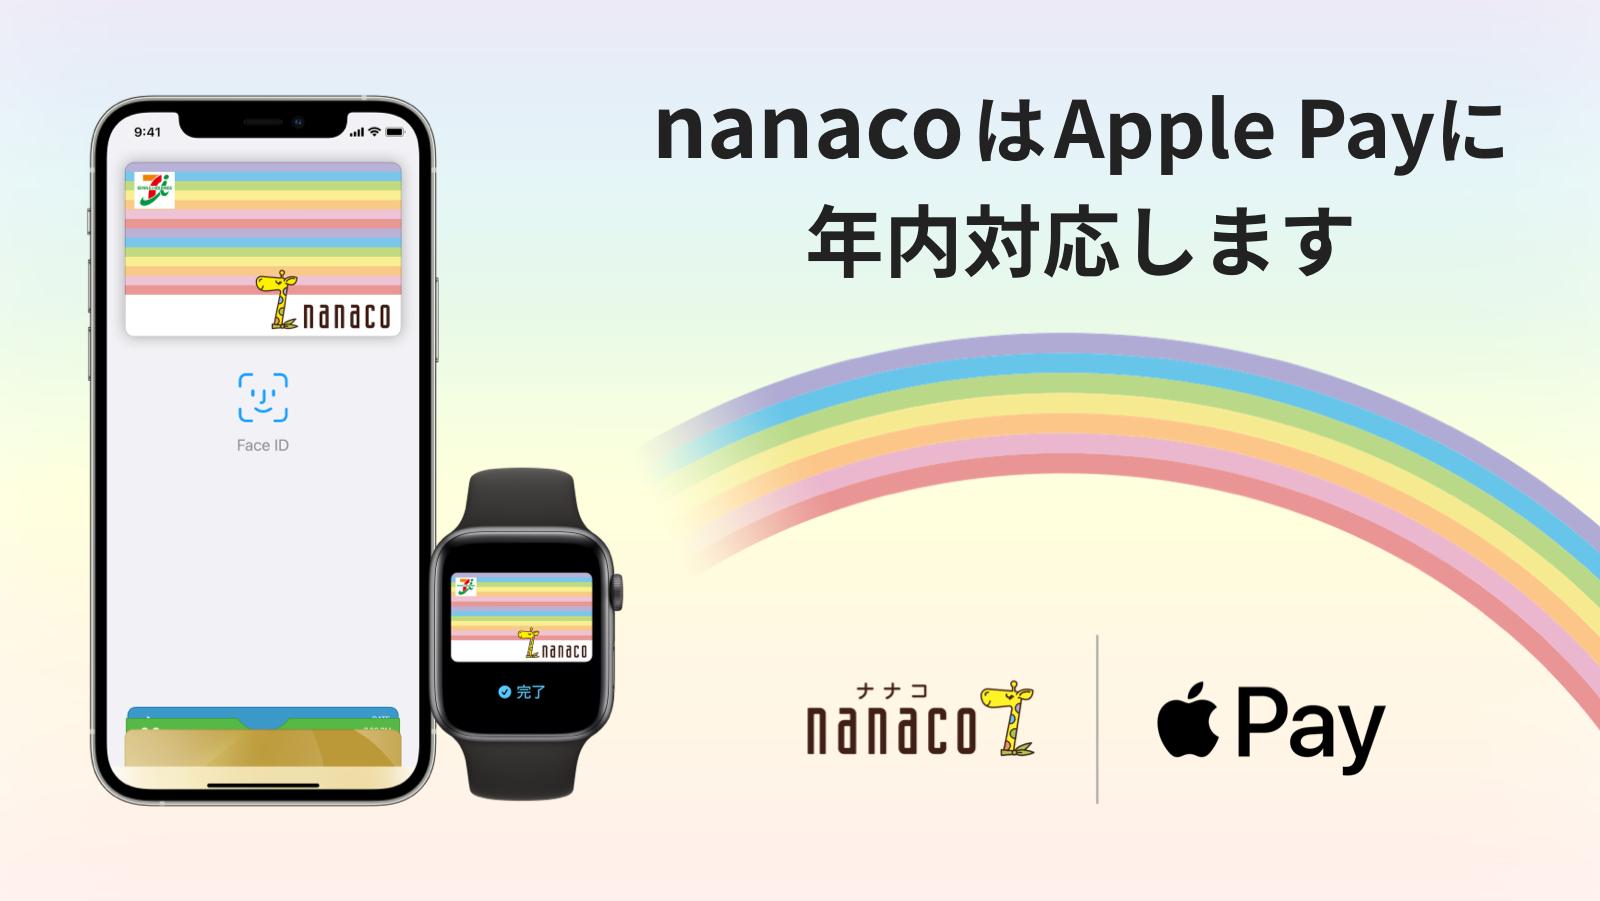 nanacoがついにiPhone/ApplePayに対応へ。Androidに遅れること10年。新規設定で100ポイントもらえる。10/21〜。